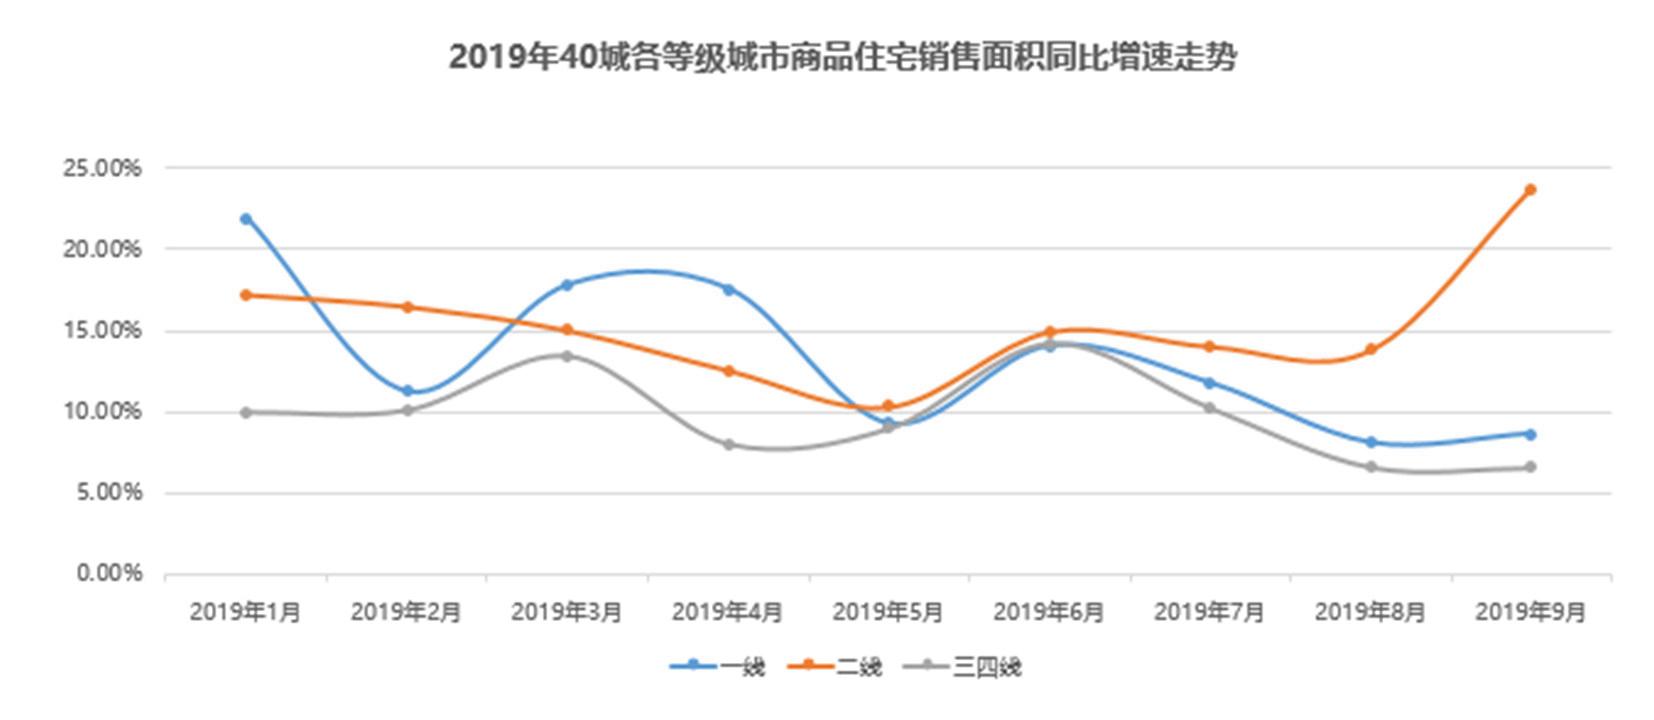 报告:年内百城二手房价稳中有涨,不及2018年高位价格水平